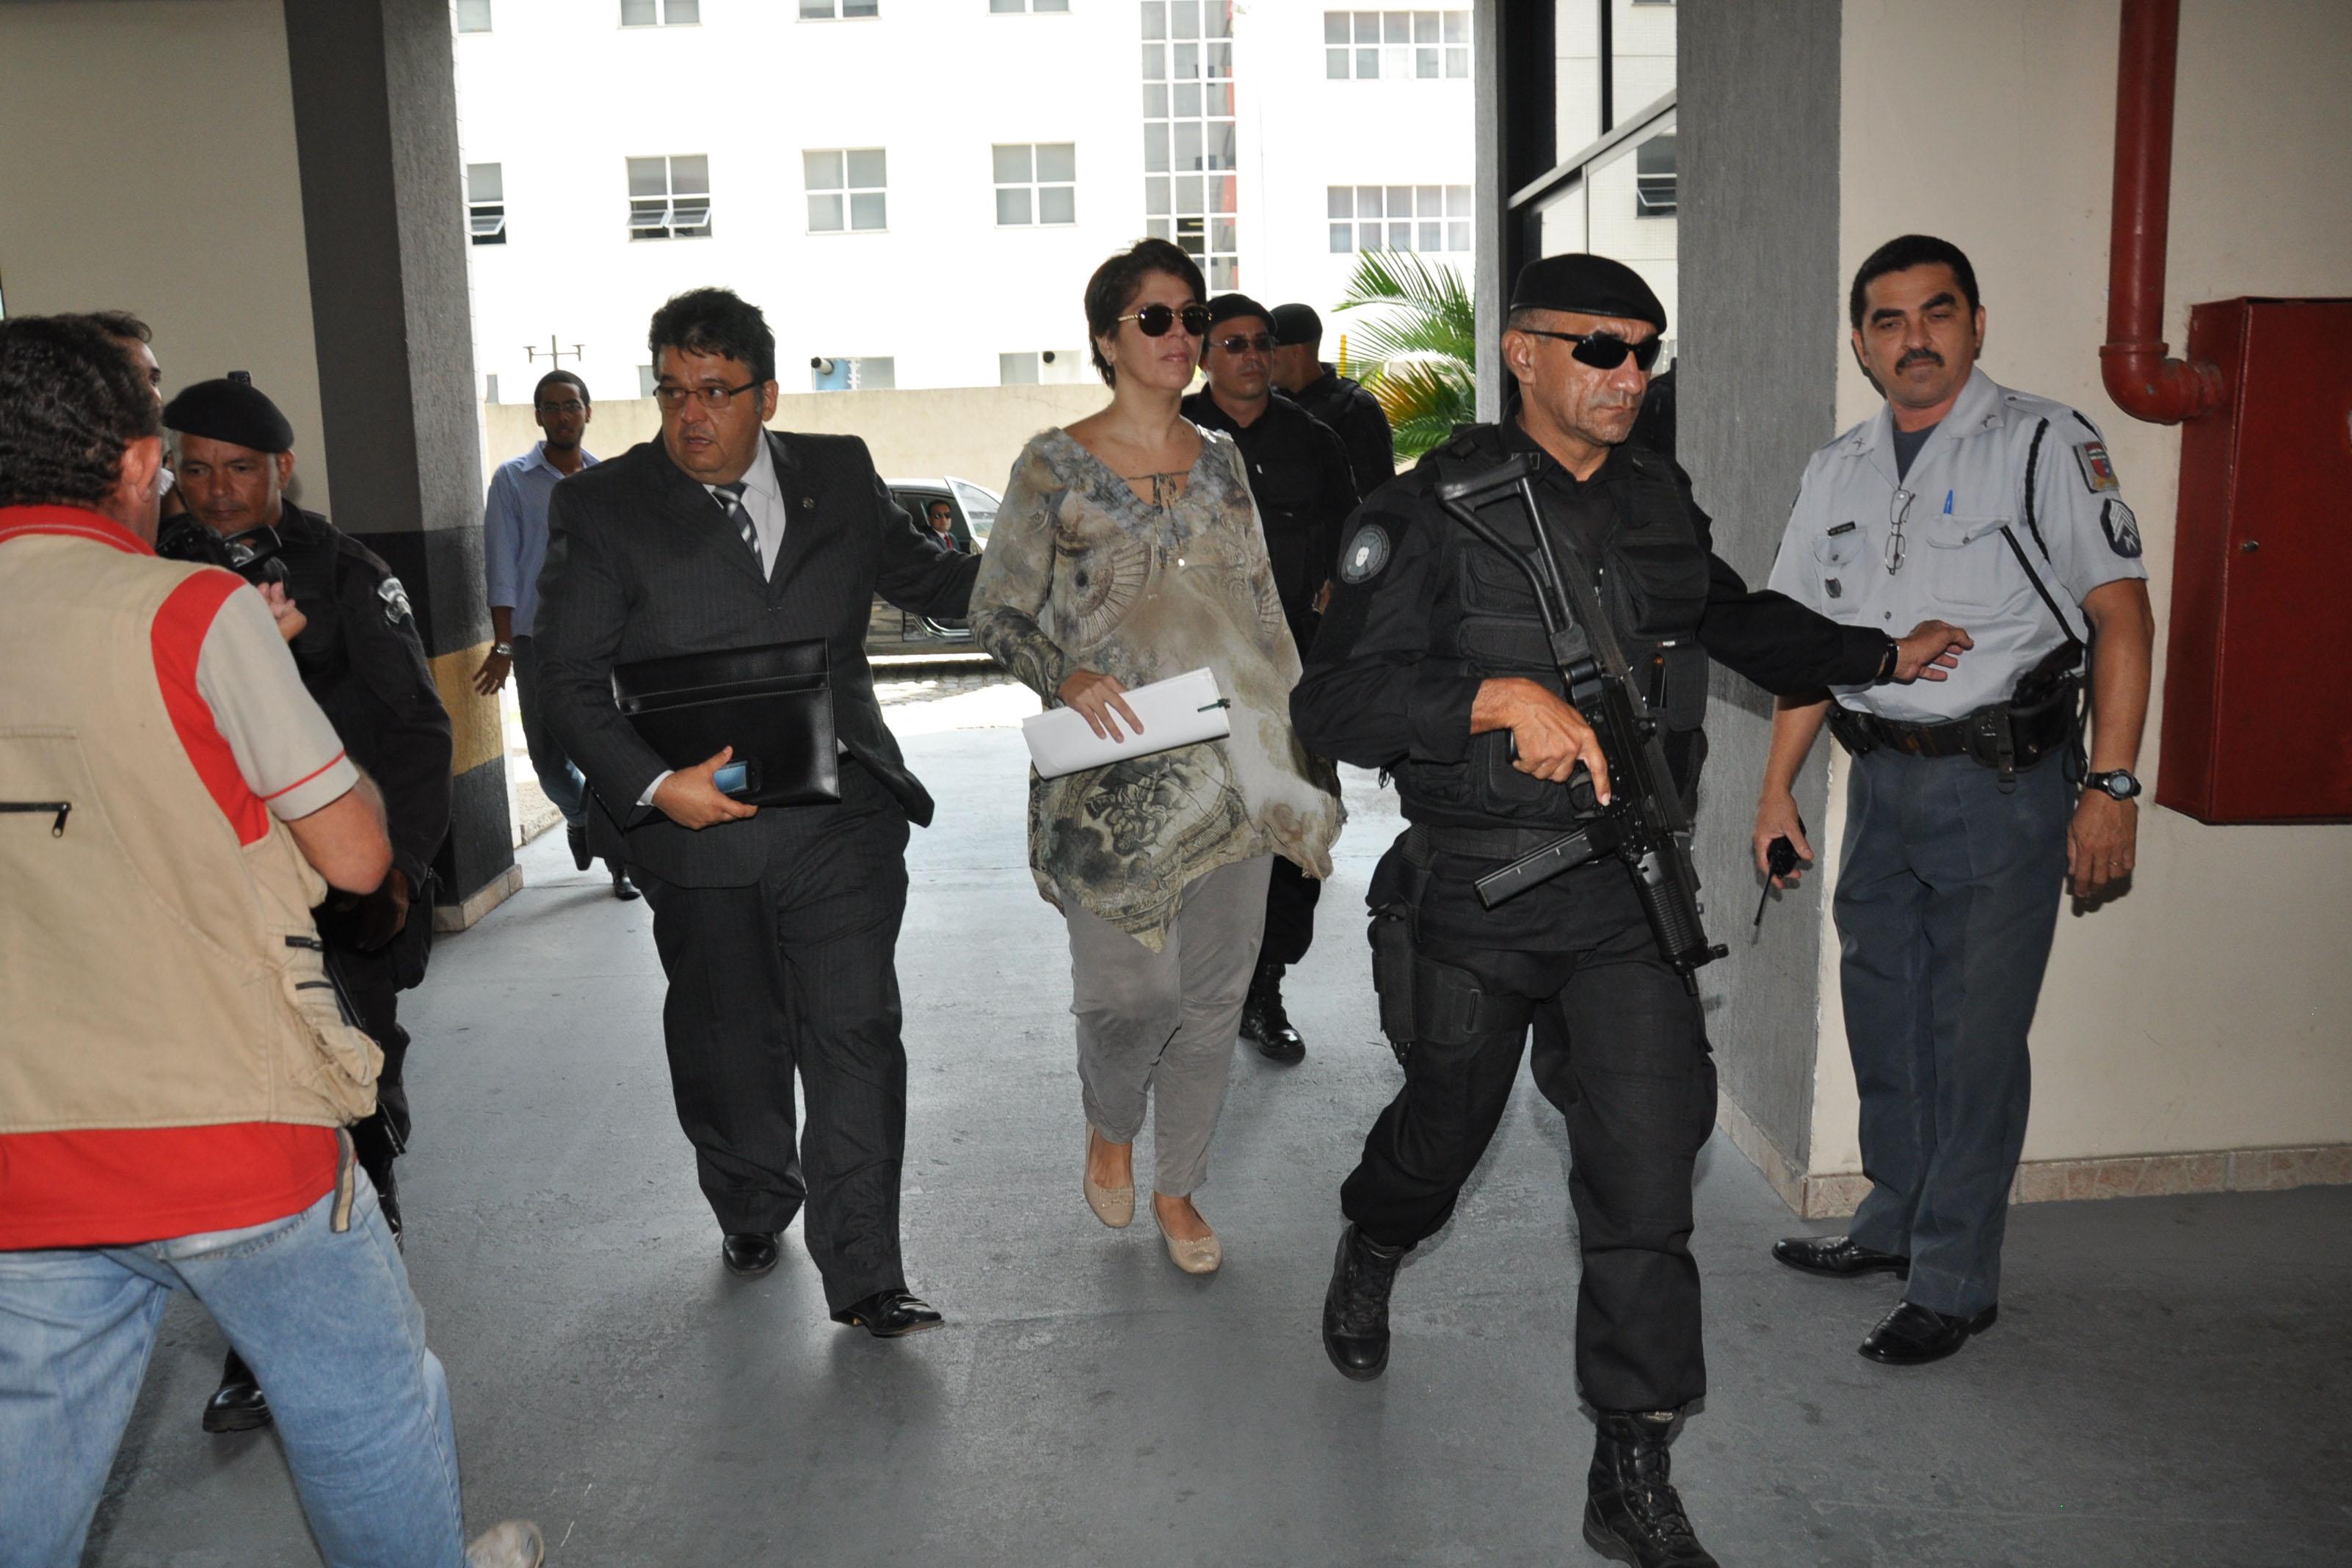 Carla Ubarana e George Leal chegaram ao Fórum Miguel Seabra de Fagundes sob escolta policial